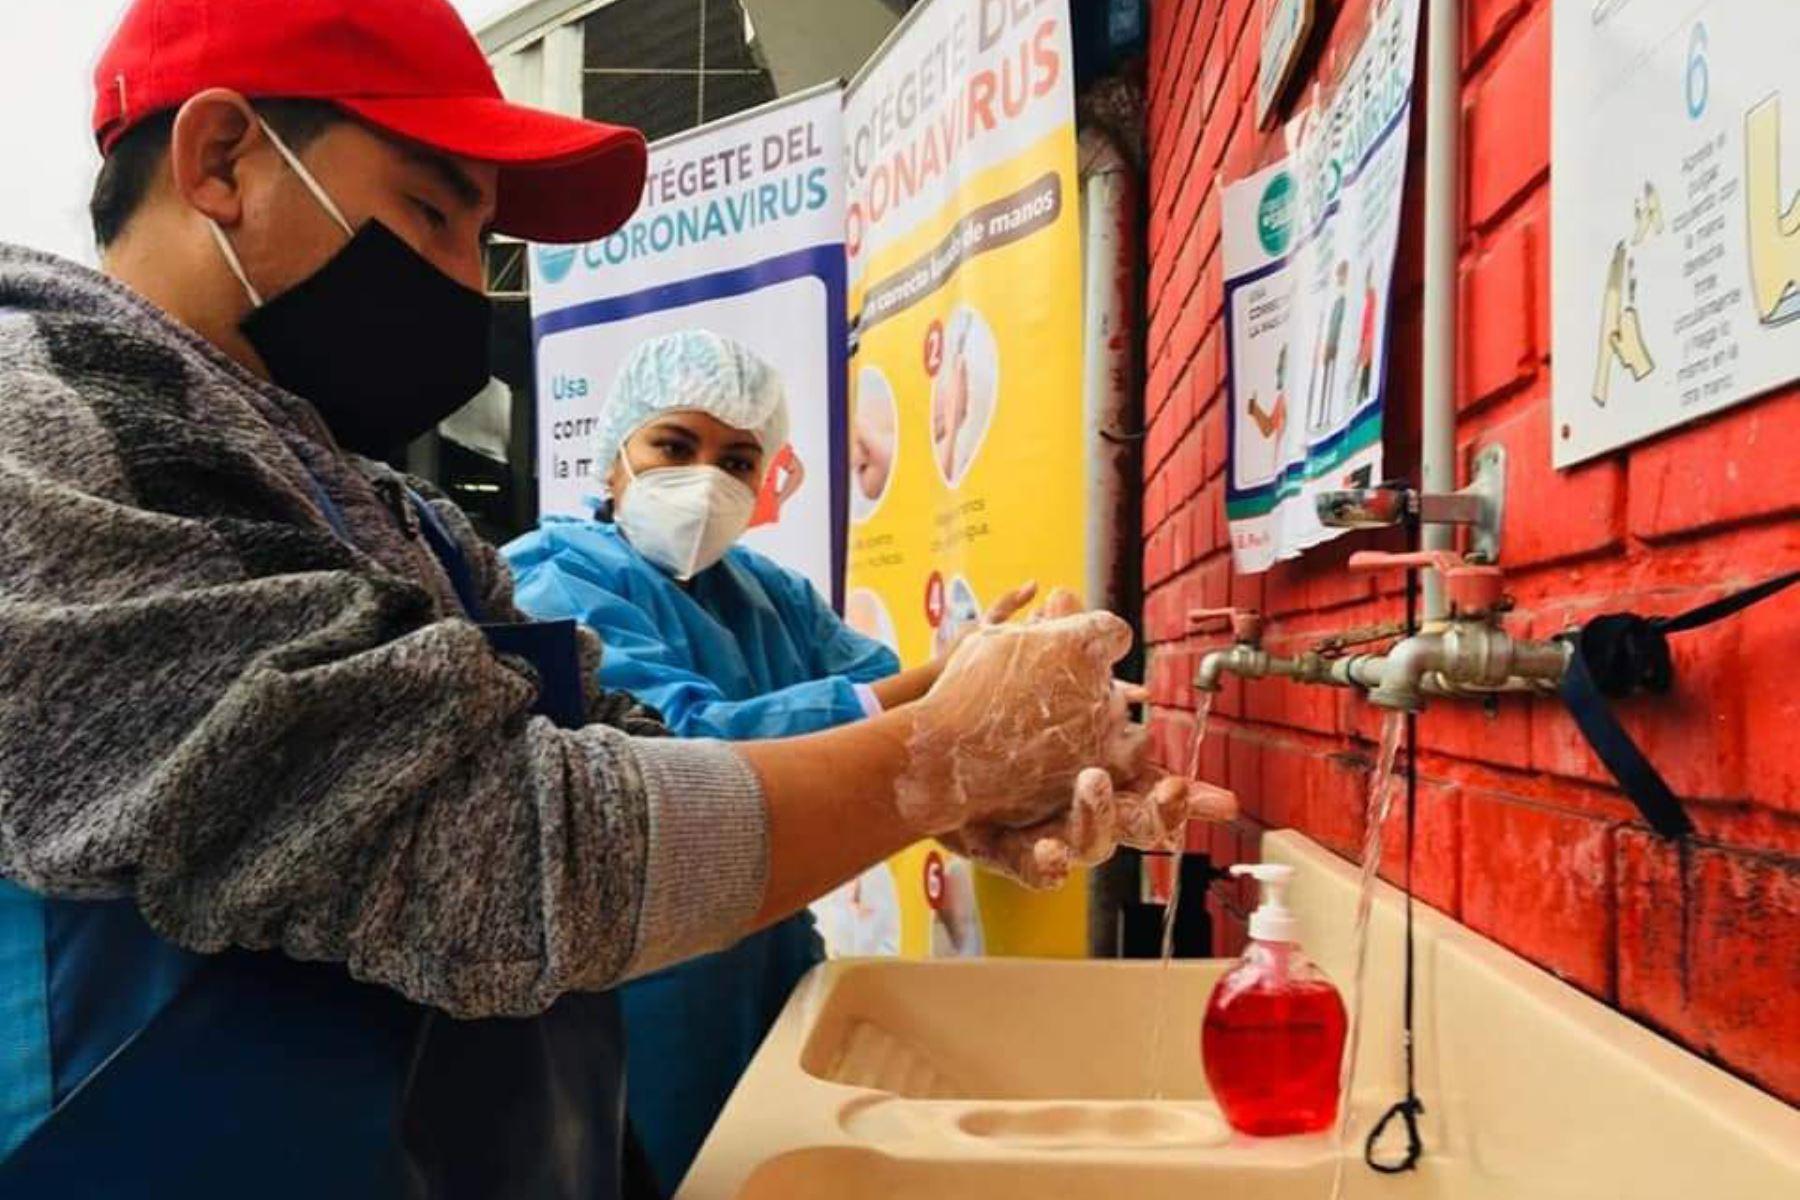 Personal de salud del Minsa visitó el terminal pesquero de Villa María del Triunfo para informar a los ciudadanos sobre las principales medidas de prevención ante el covid-19, como el correcto lavado de manos, el uso de mascarilla y protector facial, y mantener el distanciamiento. Foto: @Minsa_Peru